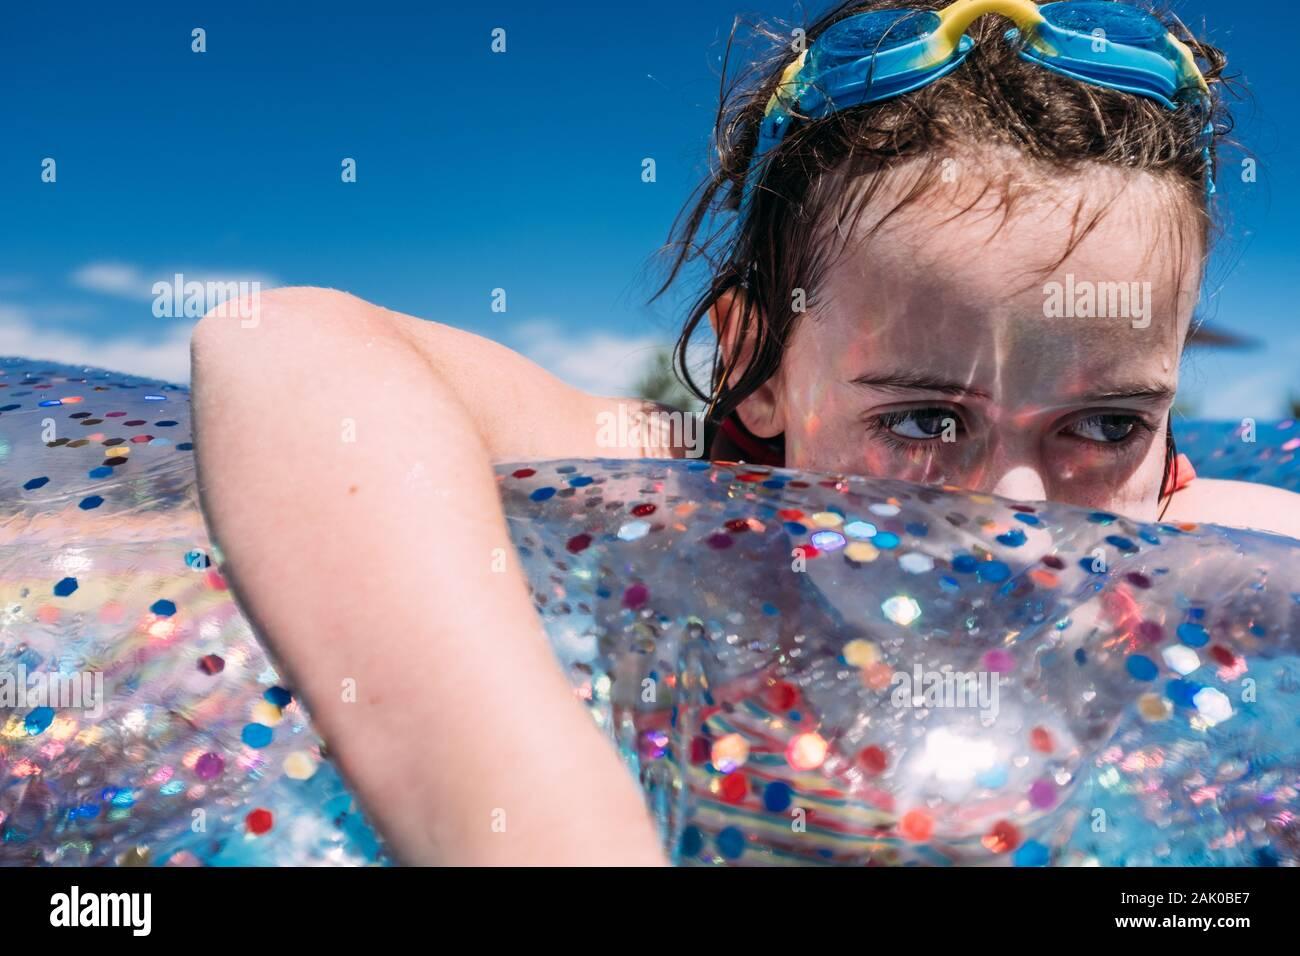 primer plano de una chica triste que parece flotar en la piscina con gafas en la cabeza Foto de stock